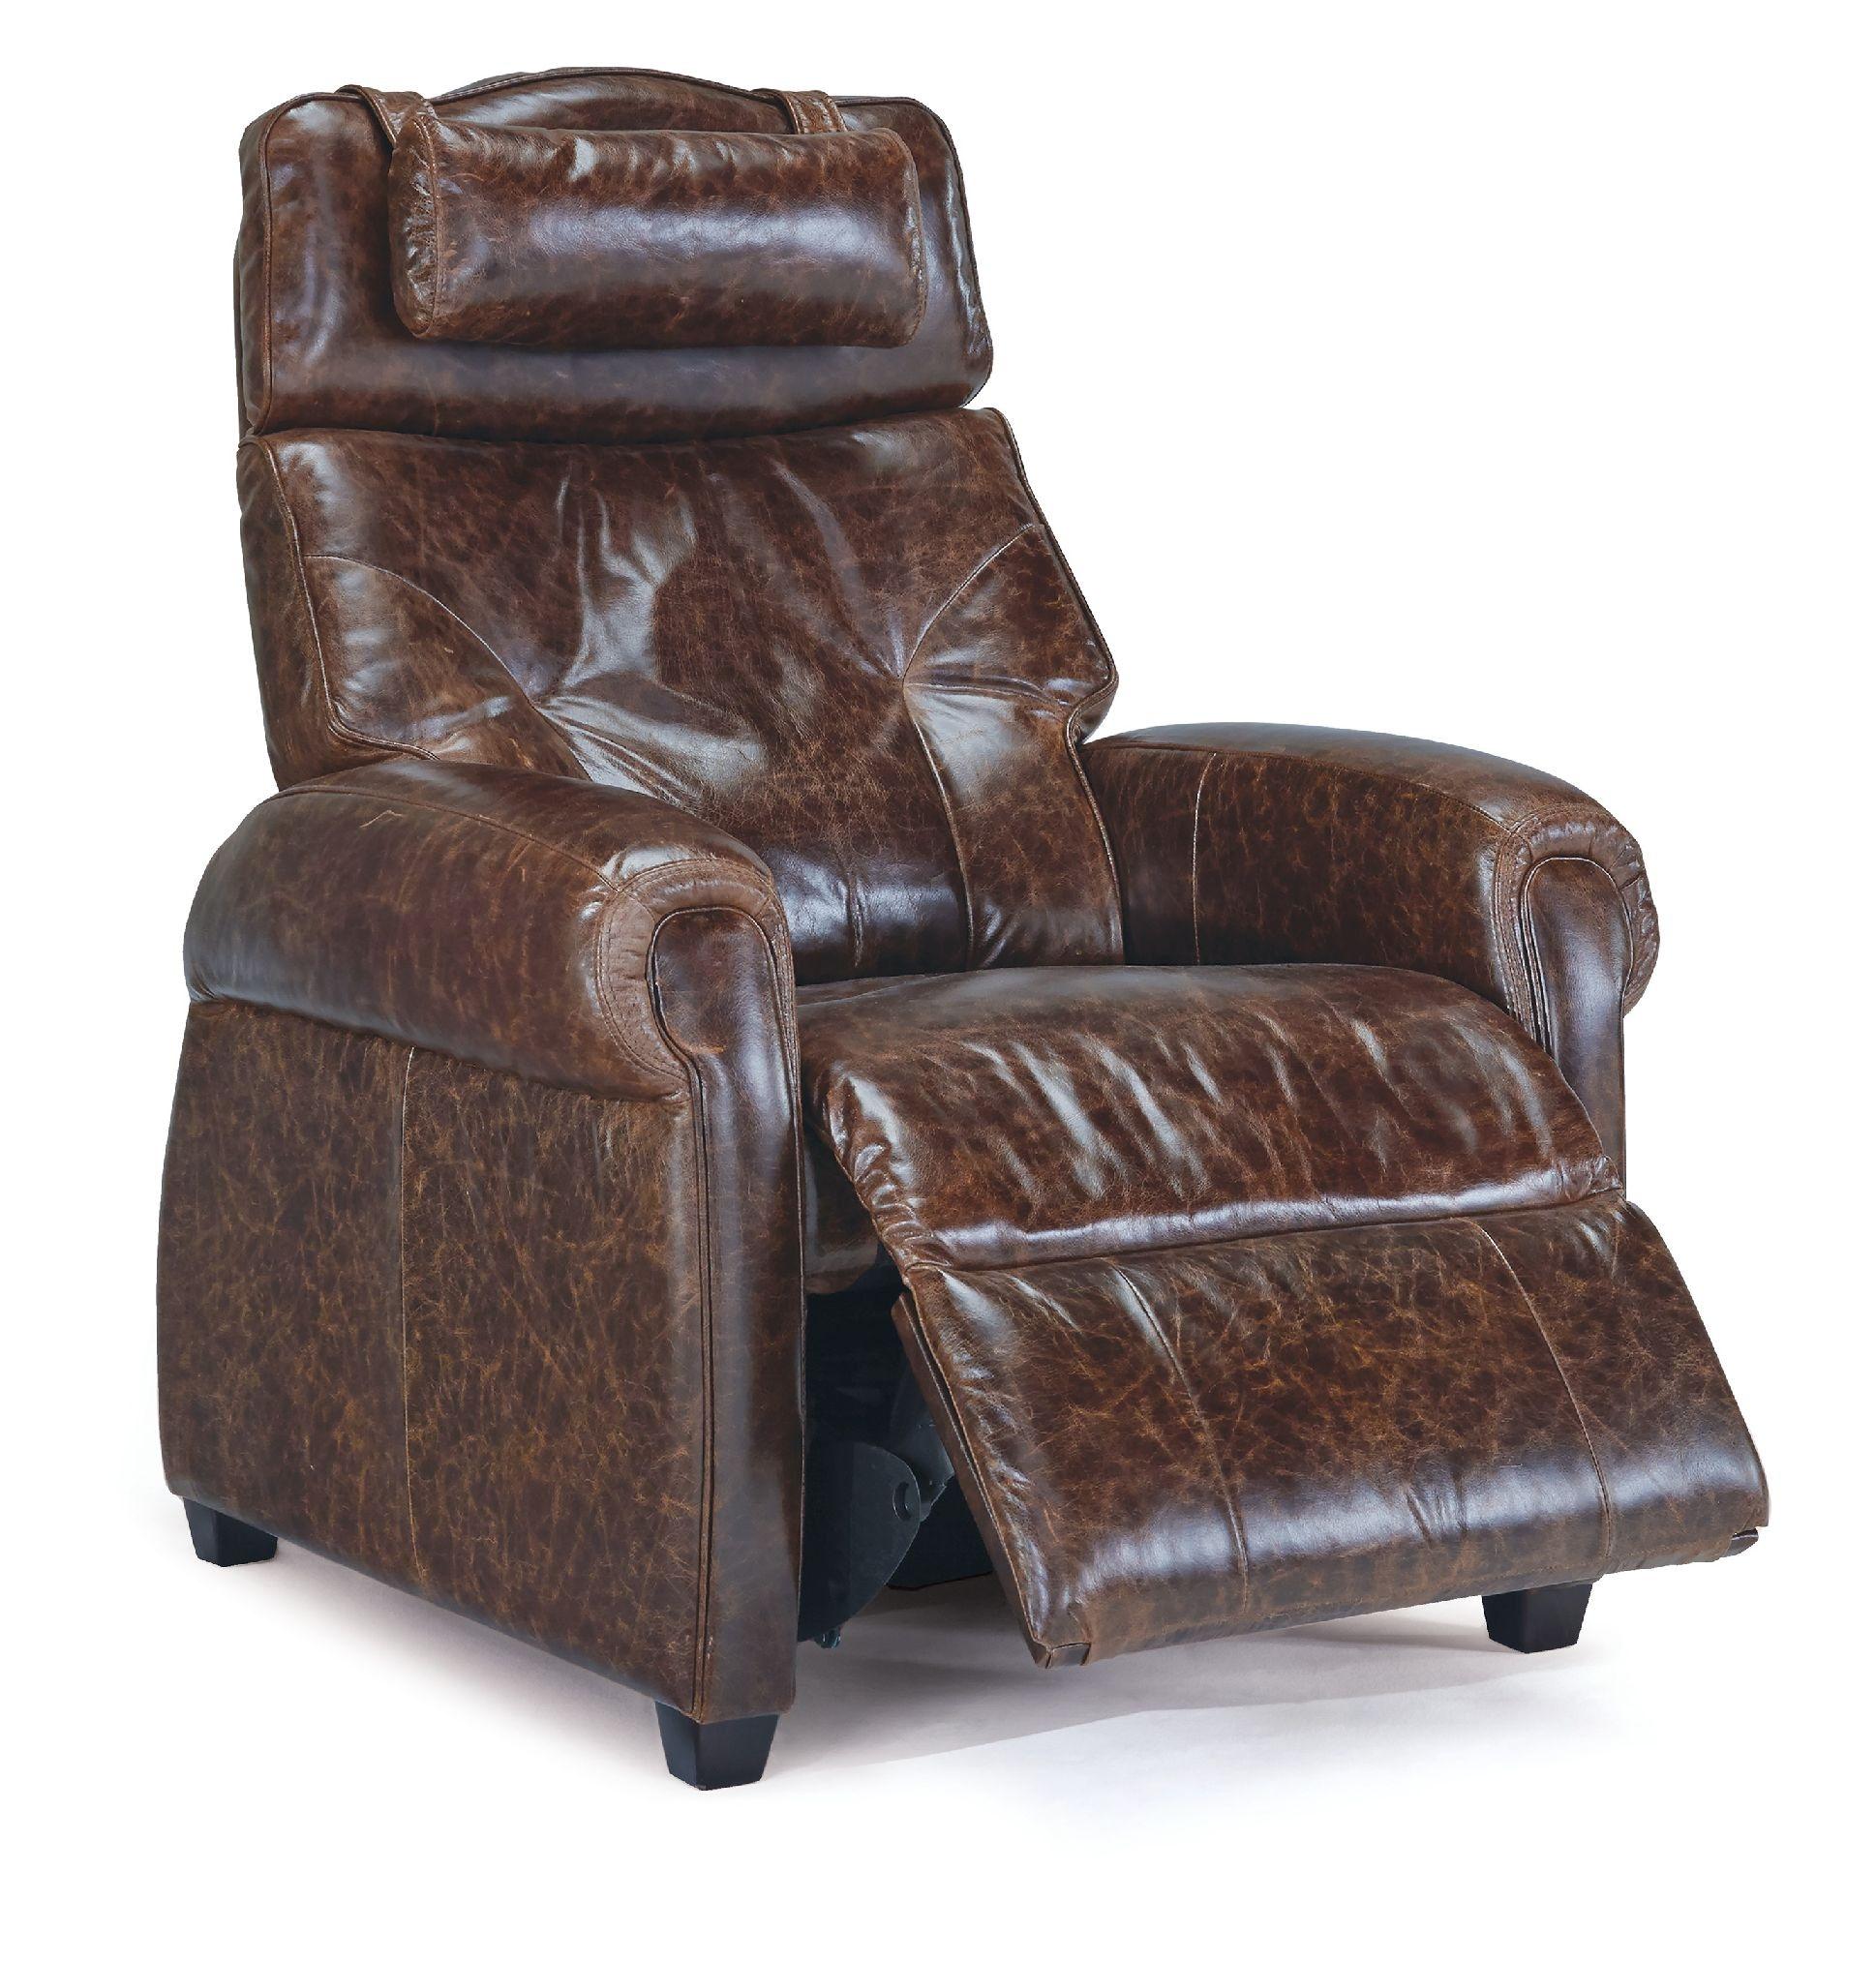 Palliser Furniture Zero Gravity Chair 41090 42